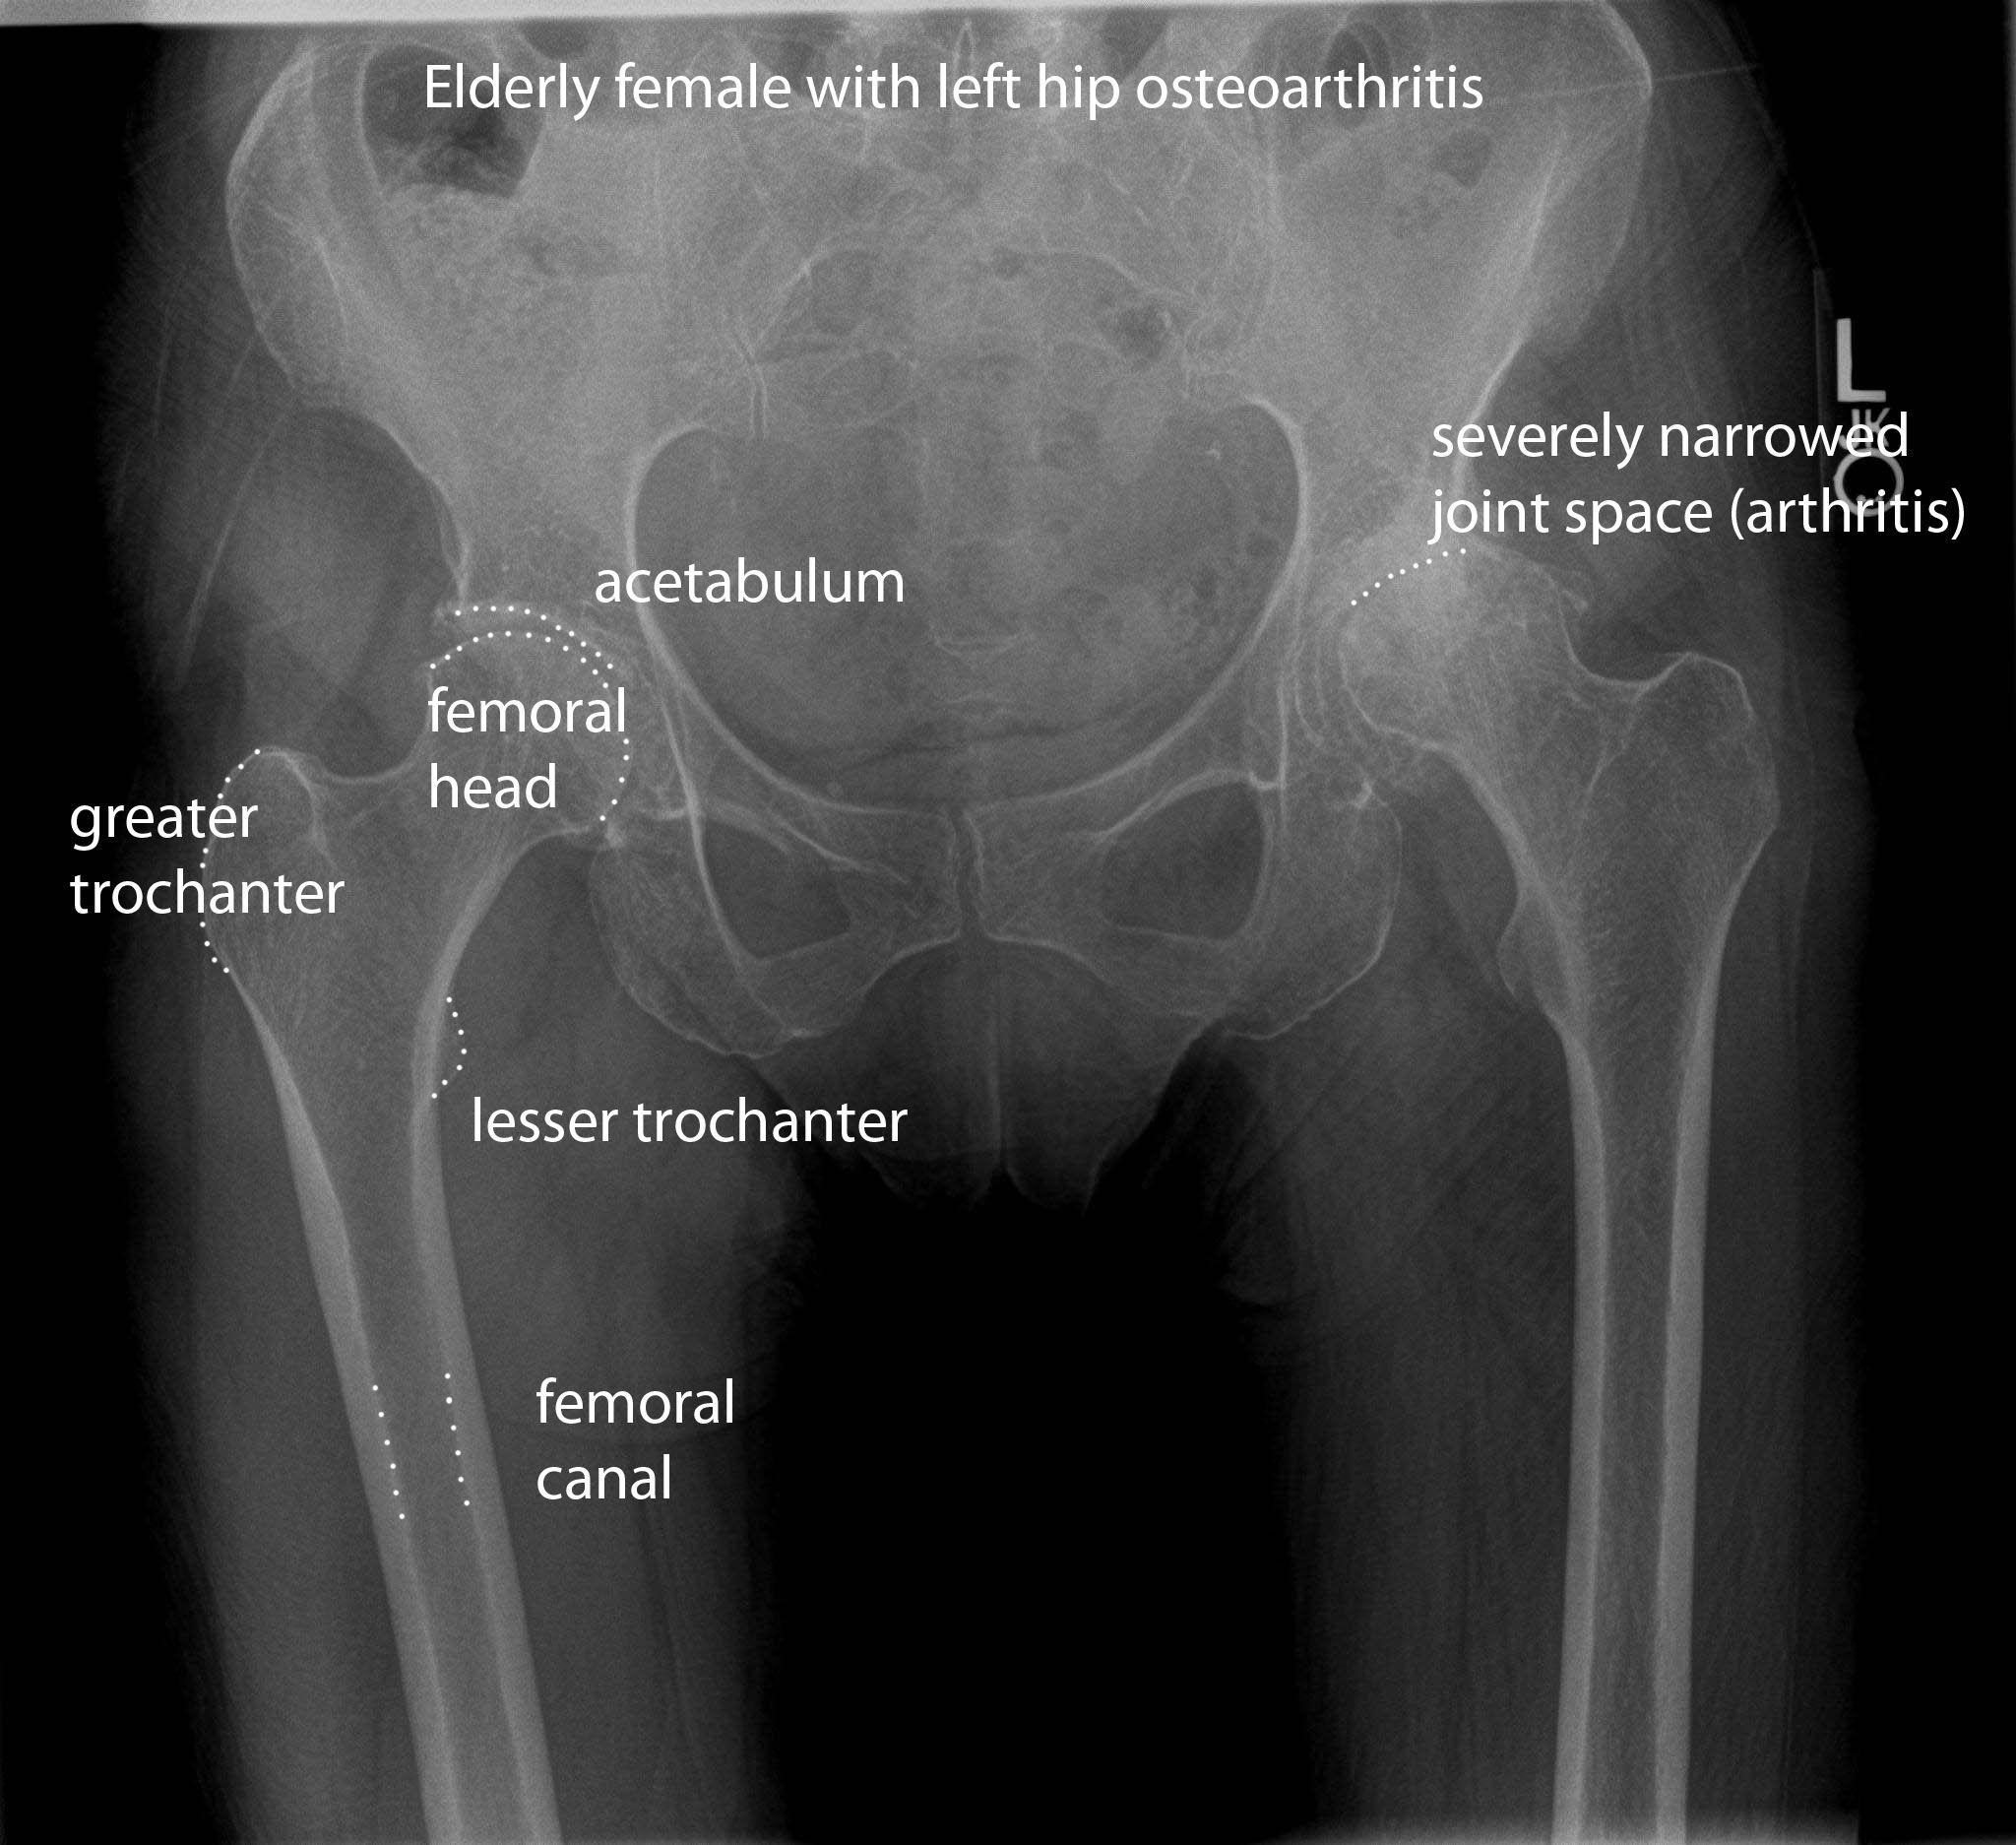 Klinikai vizsgálatok a Orthopedics - Klinikai vizsgálatok nyilvántartása - ICH GCP